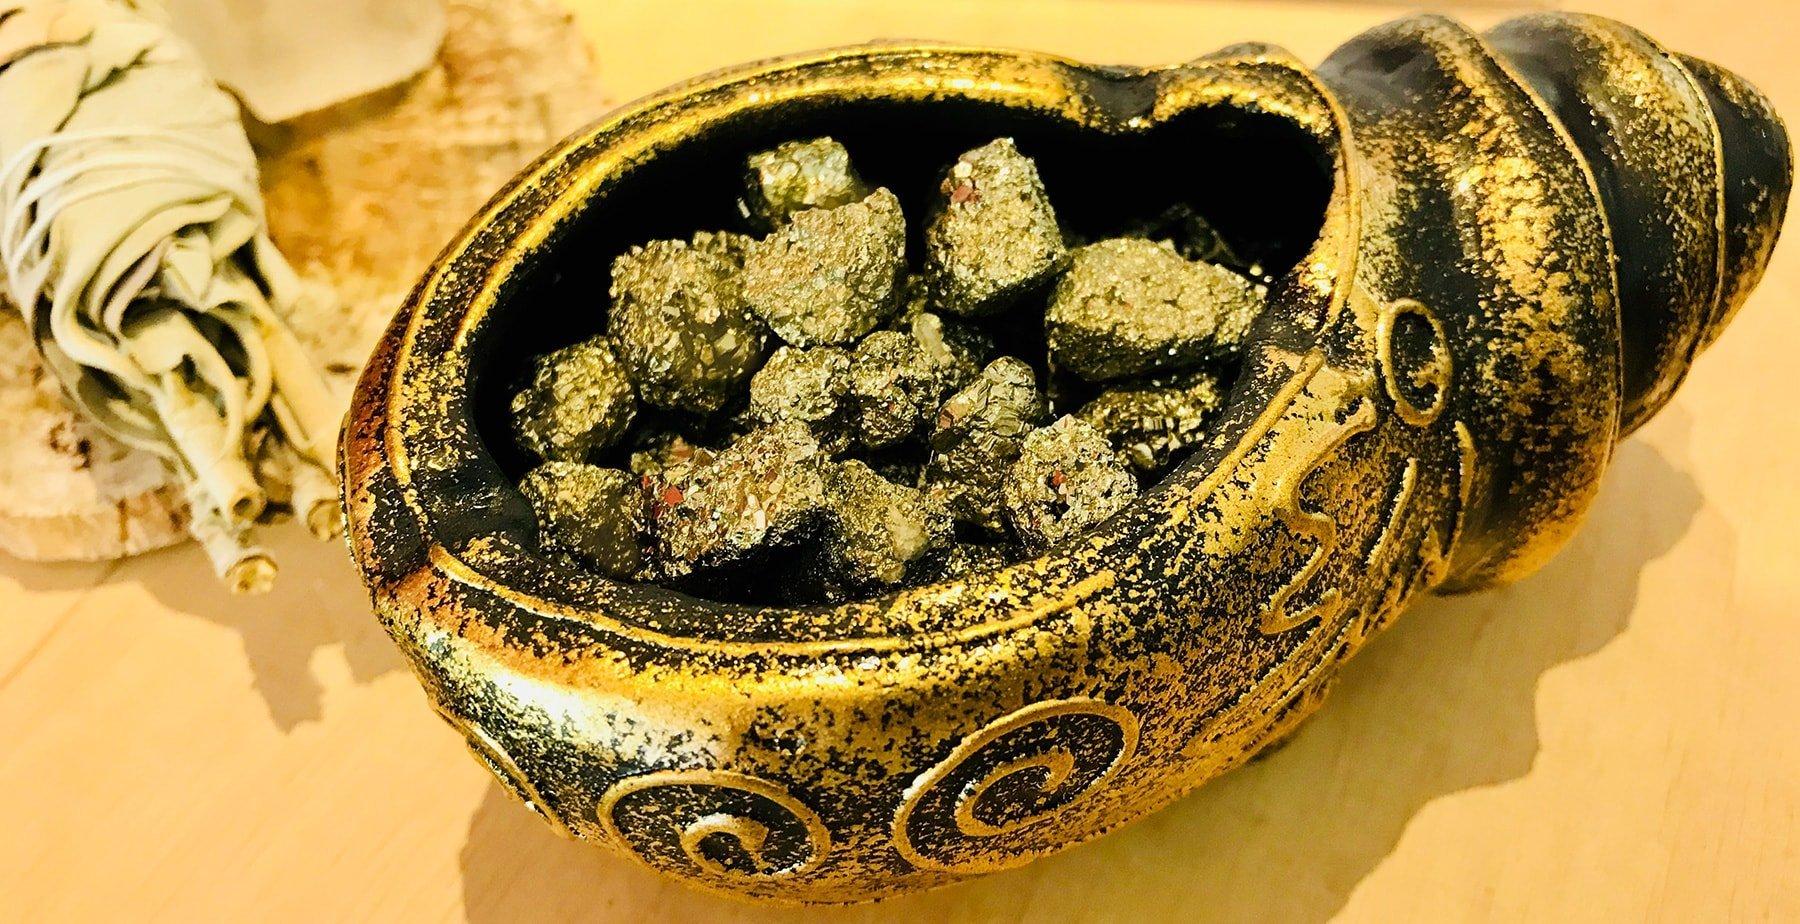 Pyrit im Füllhorn für Wohlstand und Überfluss